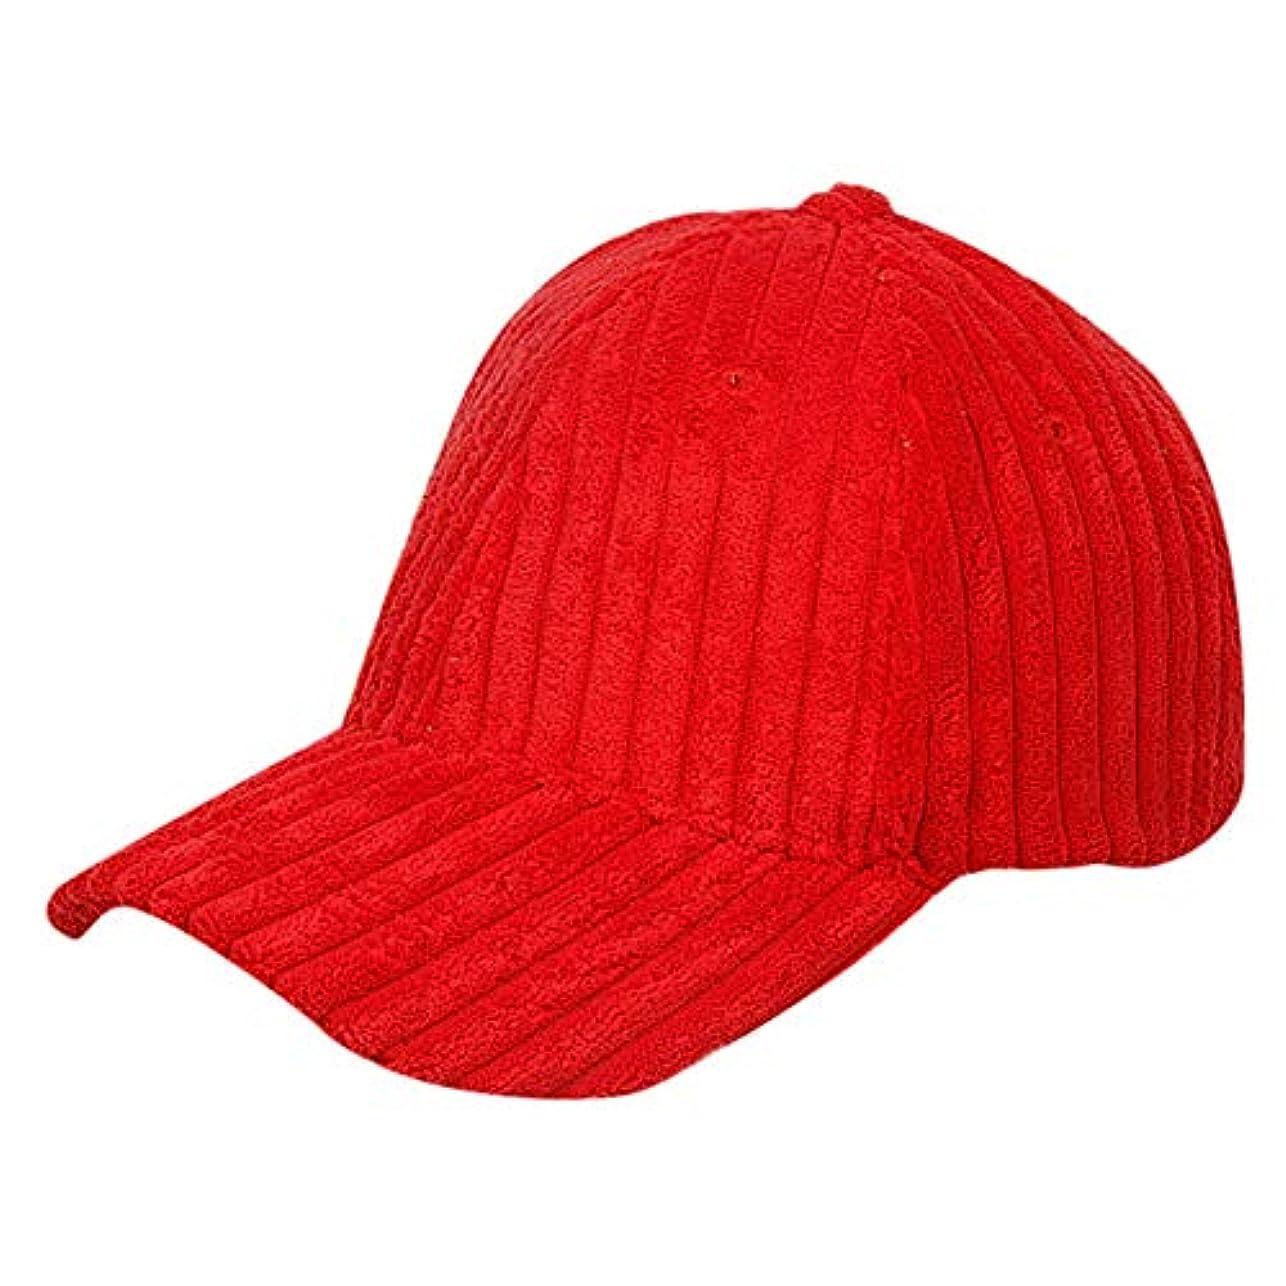 ダンス悪の添付Racazing Cap コーデュロイ 野球帽 迷彩 冬 登山 通気性のある メッシュ 帽子 ベルクロ 可調整可能 ストライプ 刺繍 棒球帽 UV 帽子 軽量 屋外 Unisex Hat (赤)